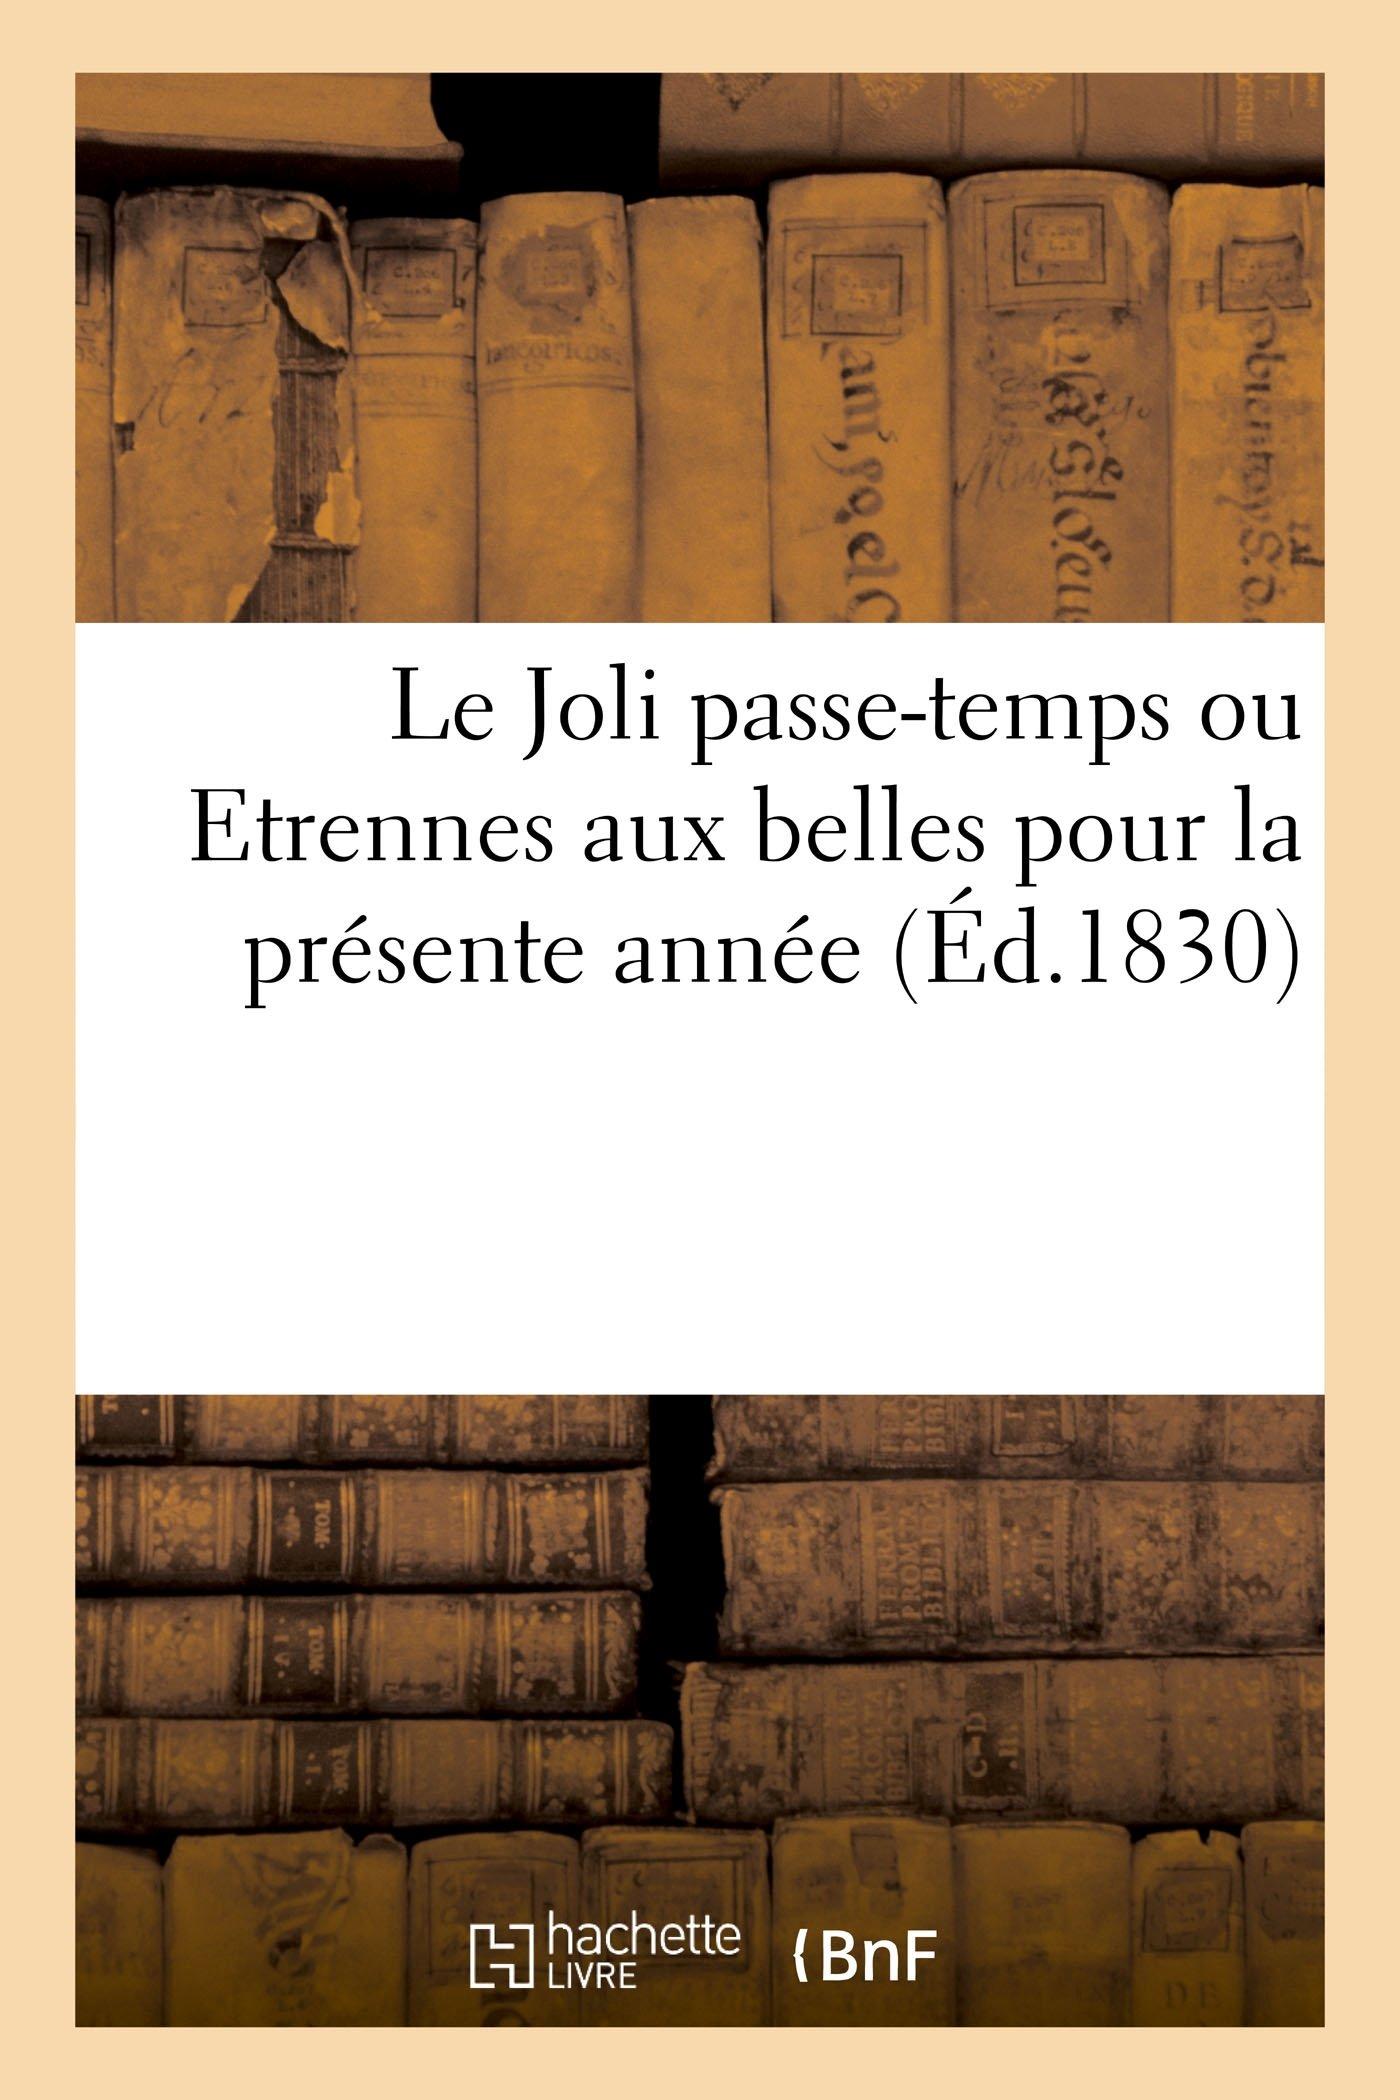 Read Online Le Joli passe-temps ou Etrennes aux belles pour la présente année (French Edition) ebook